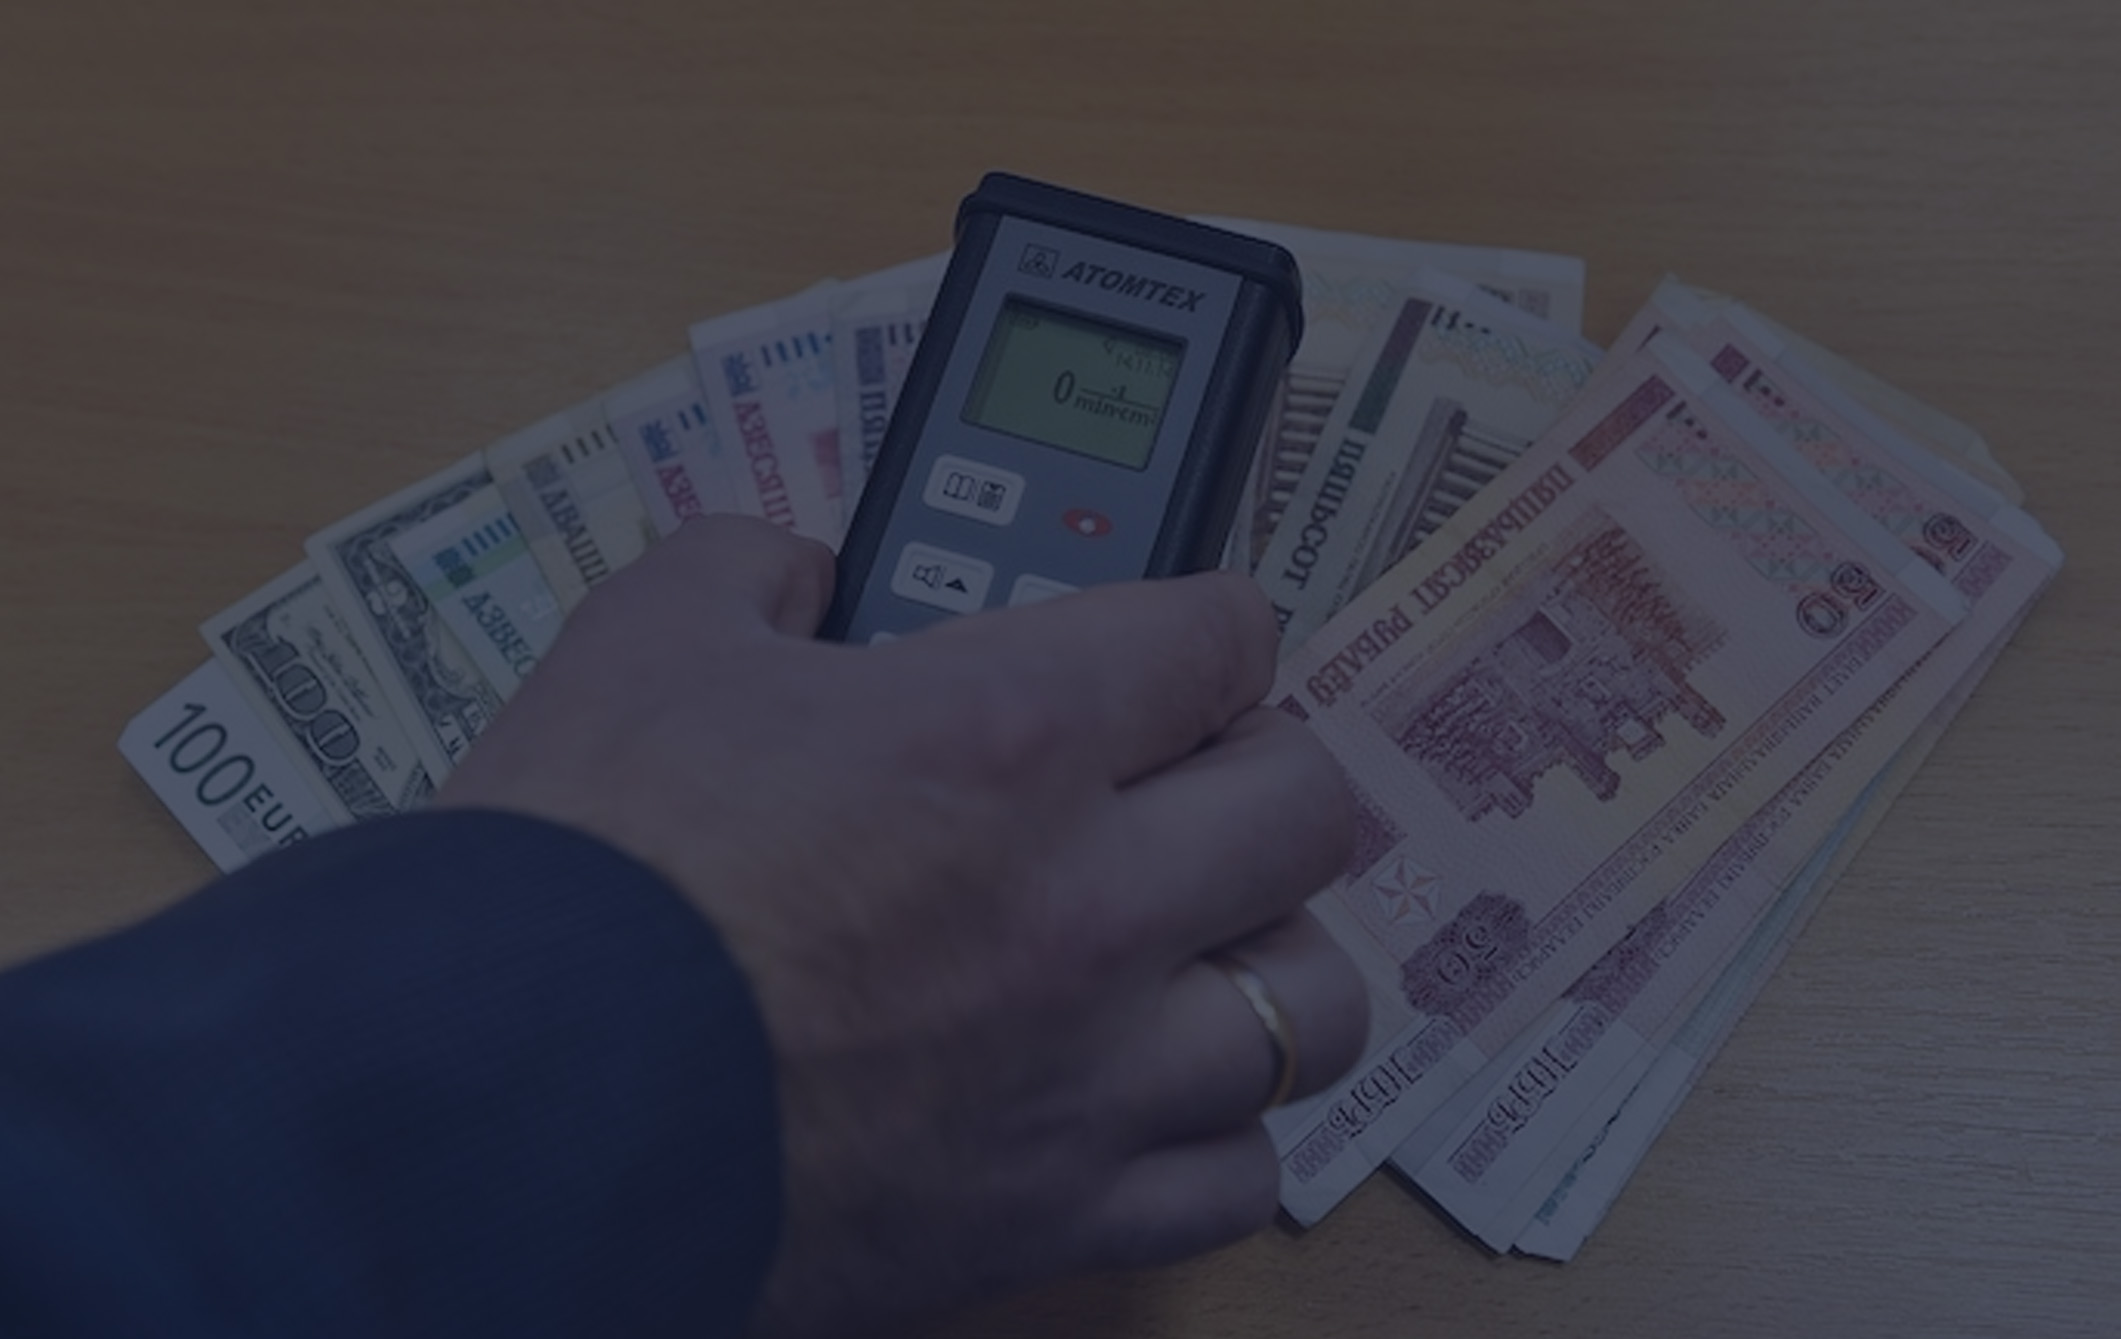 Радиационная безопасность при обращении с денежными знаками с радиоактивным загрязнением